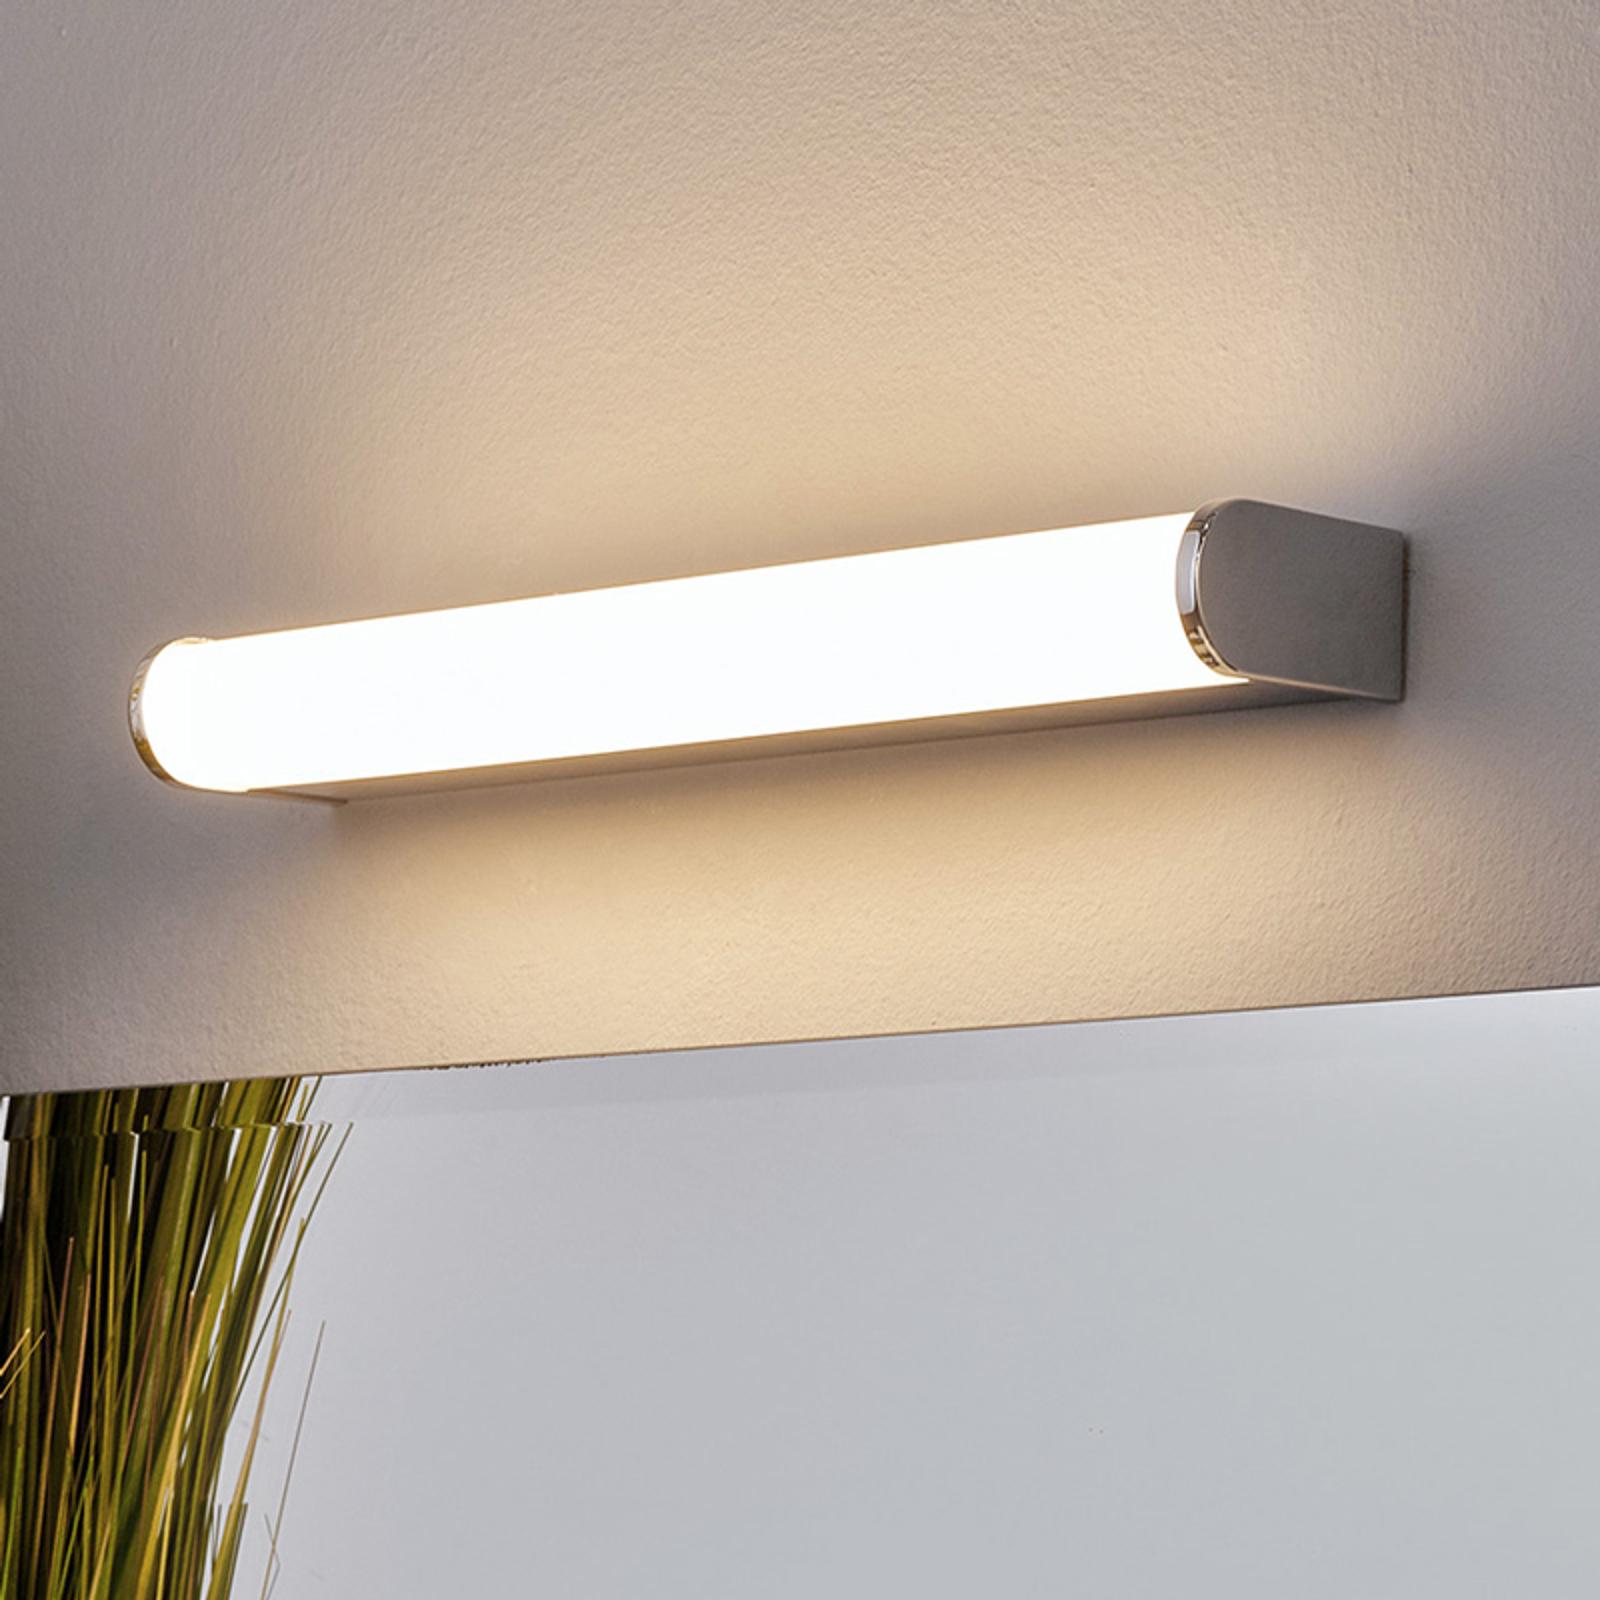 Philippa LED-lampe til spejl og bad halvrund, 32cm